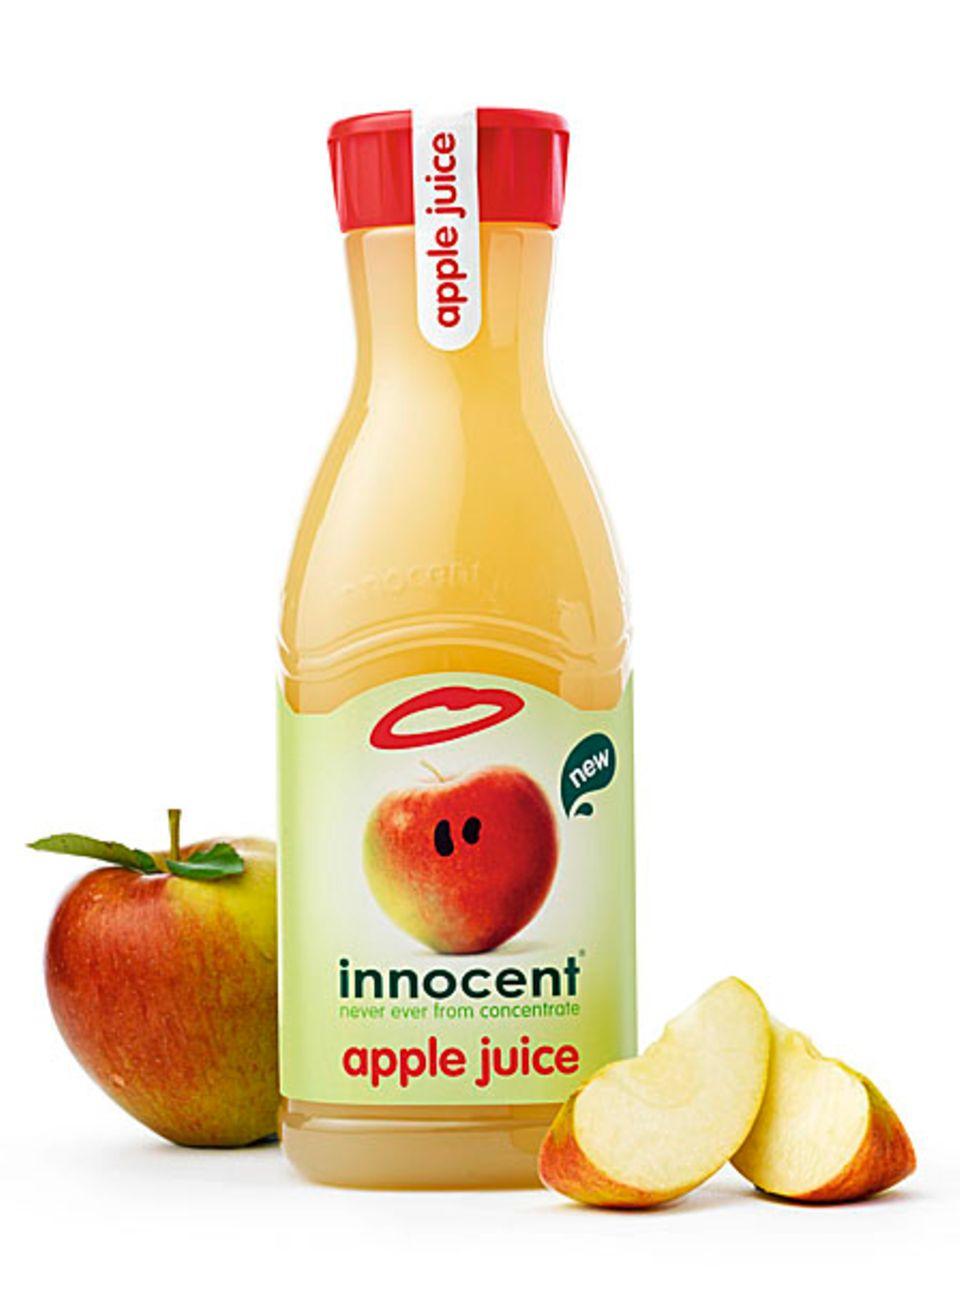 Acht ganze Äpfel stecken in einer Flasche innocent apple juice